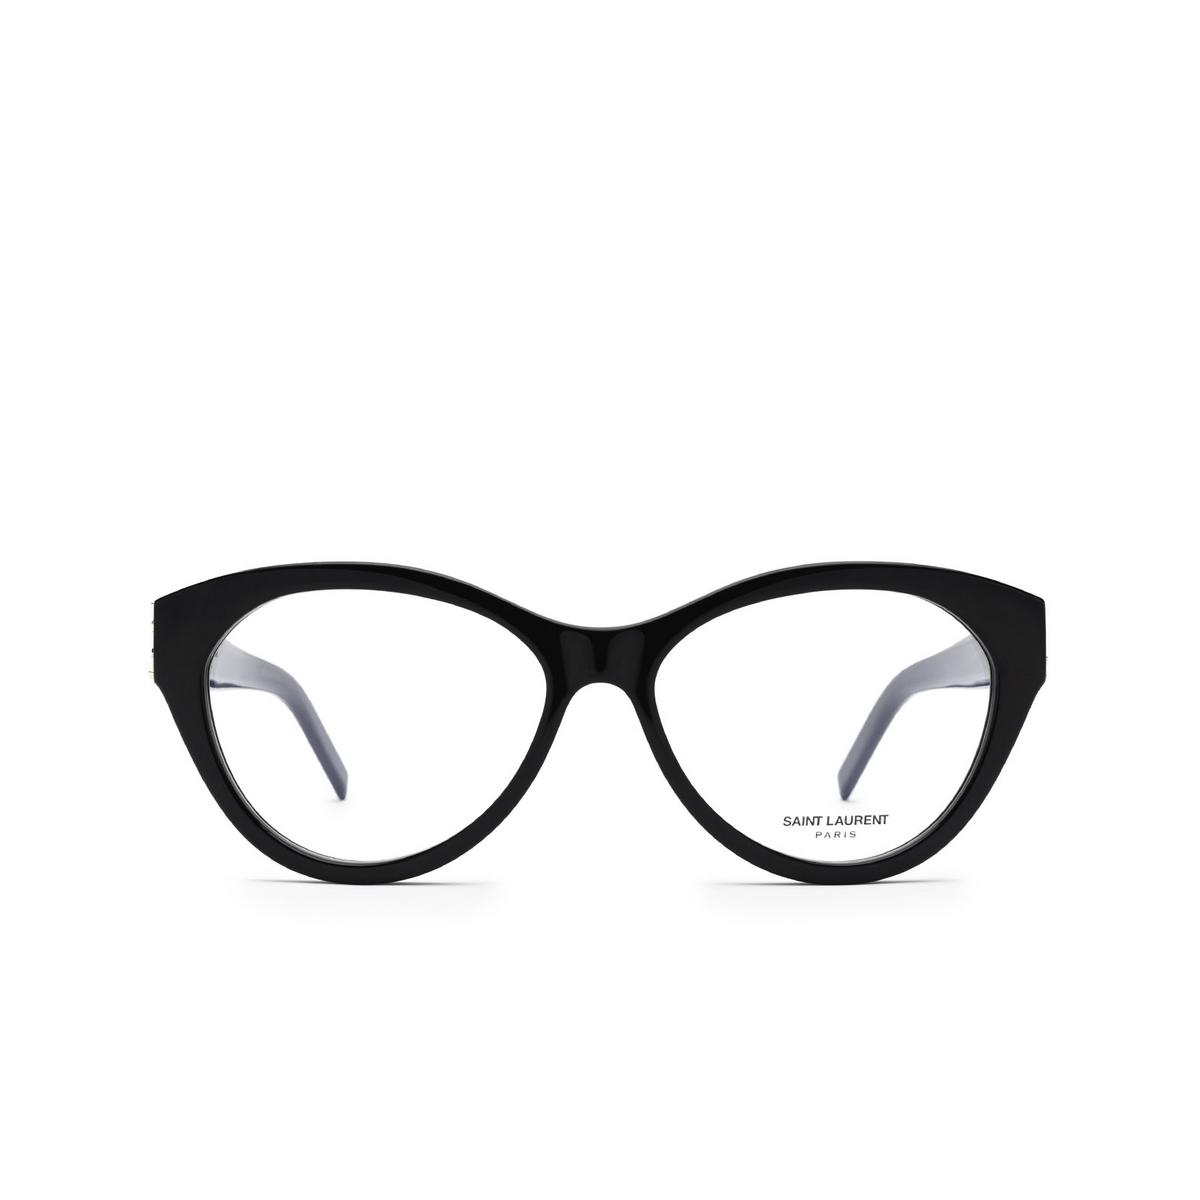 Saint Laurent® Cat-eye Eyeglasses: SL M96 color Black 001 - front view.